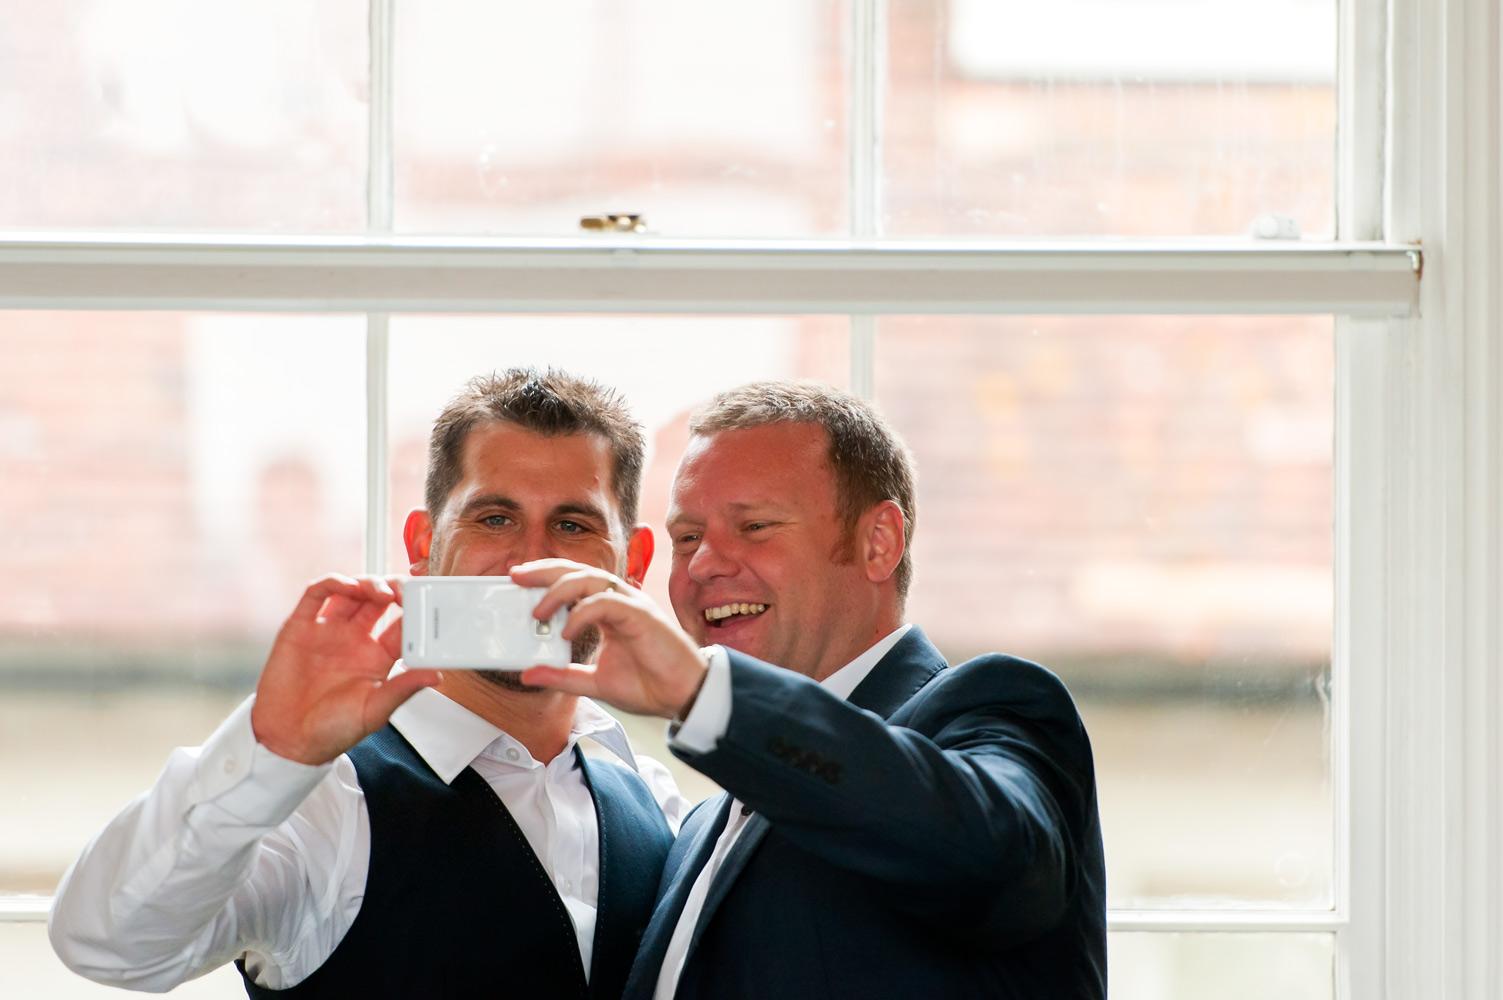 Groom and friend taking selfie